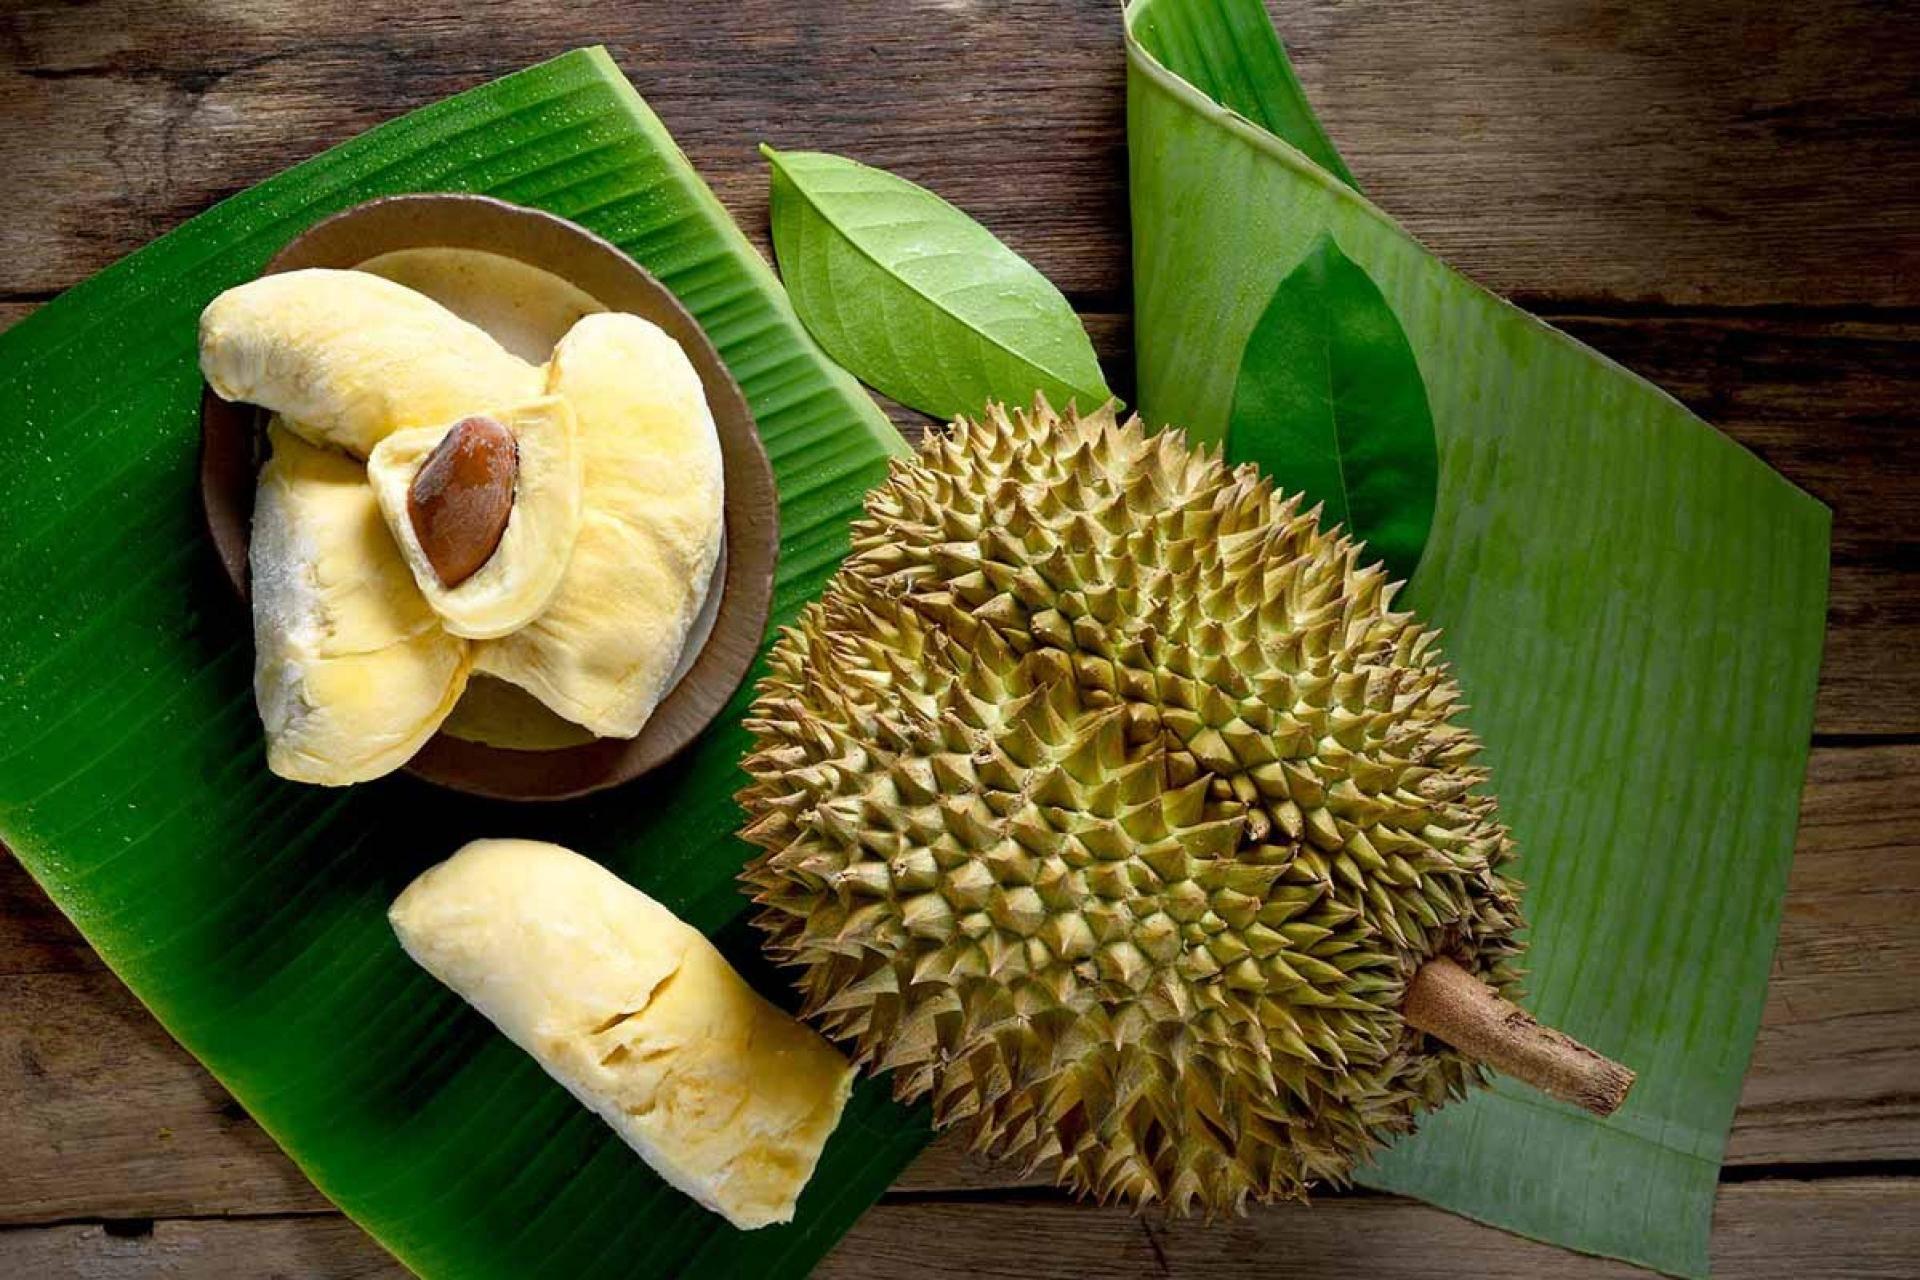 Дуриан (фрукт): полезные свойства, отзывы, фото. как едят дуриан?